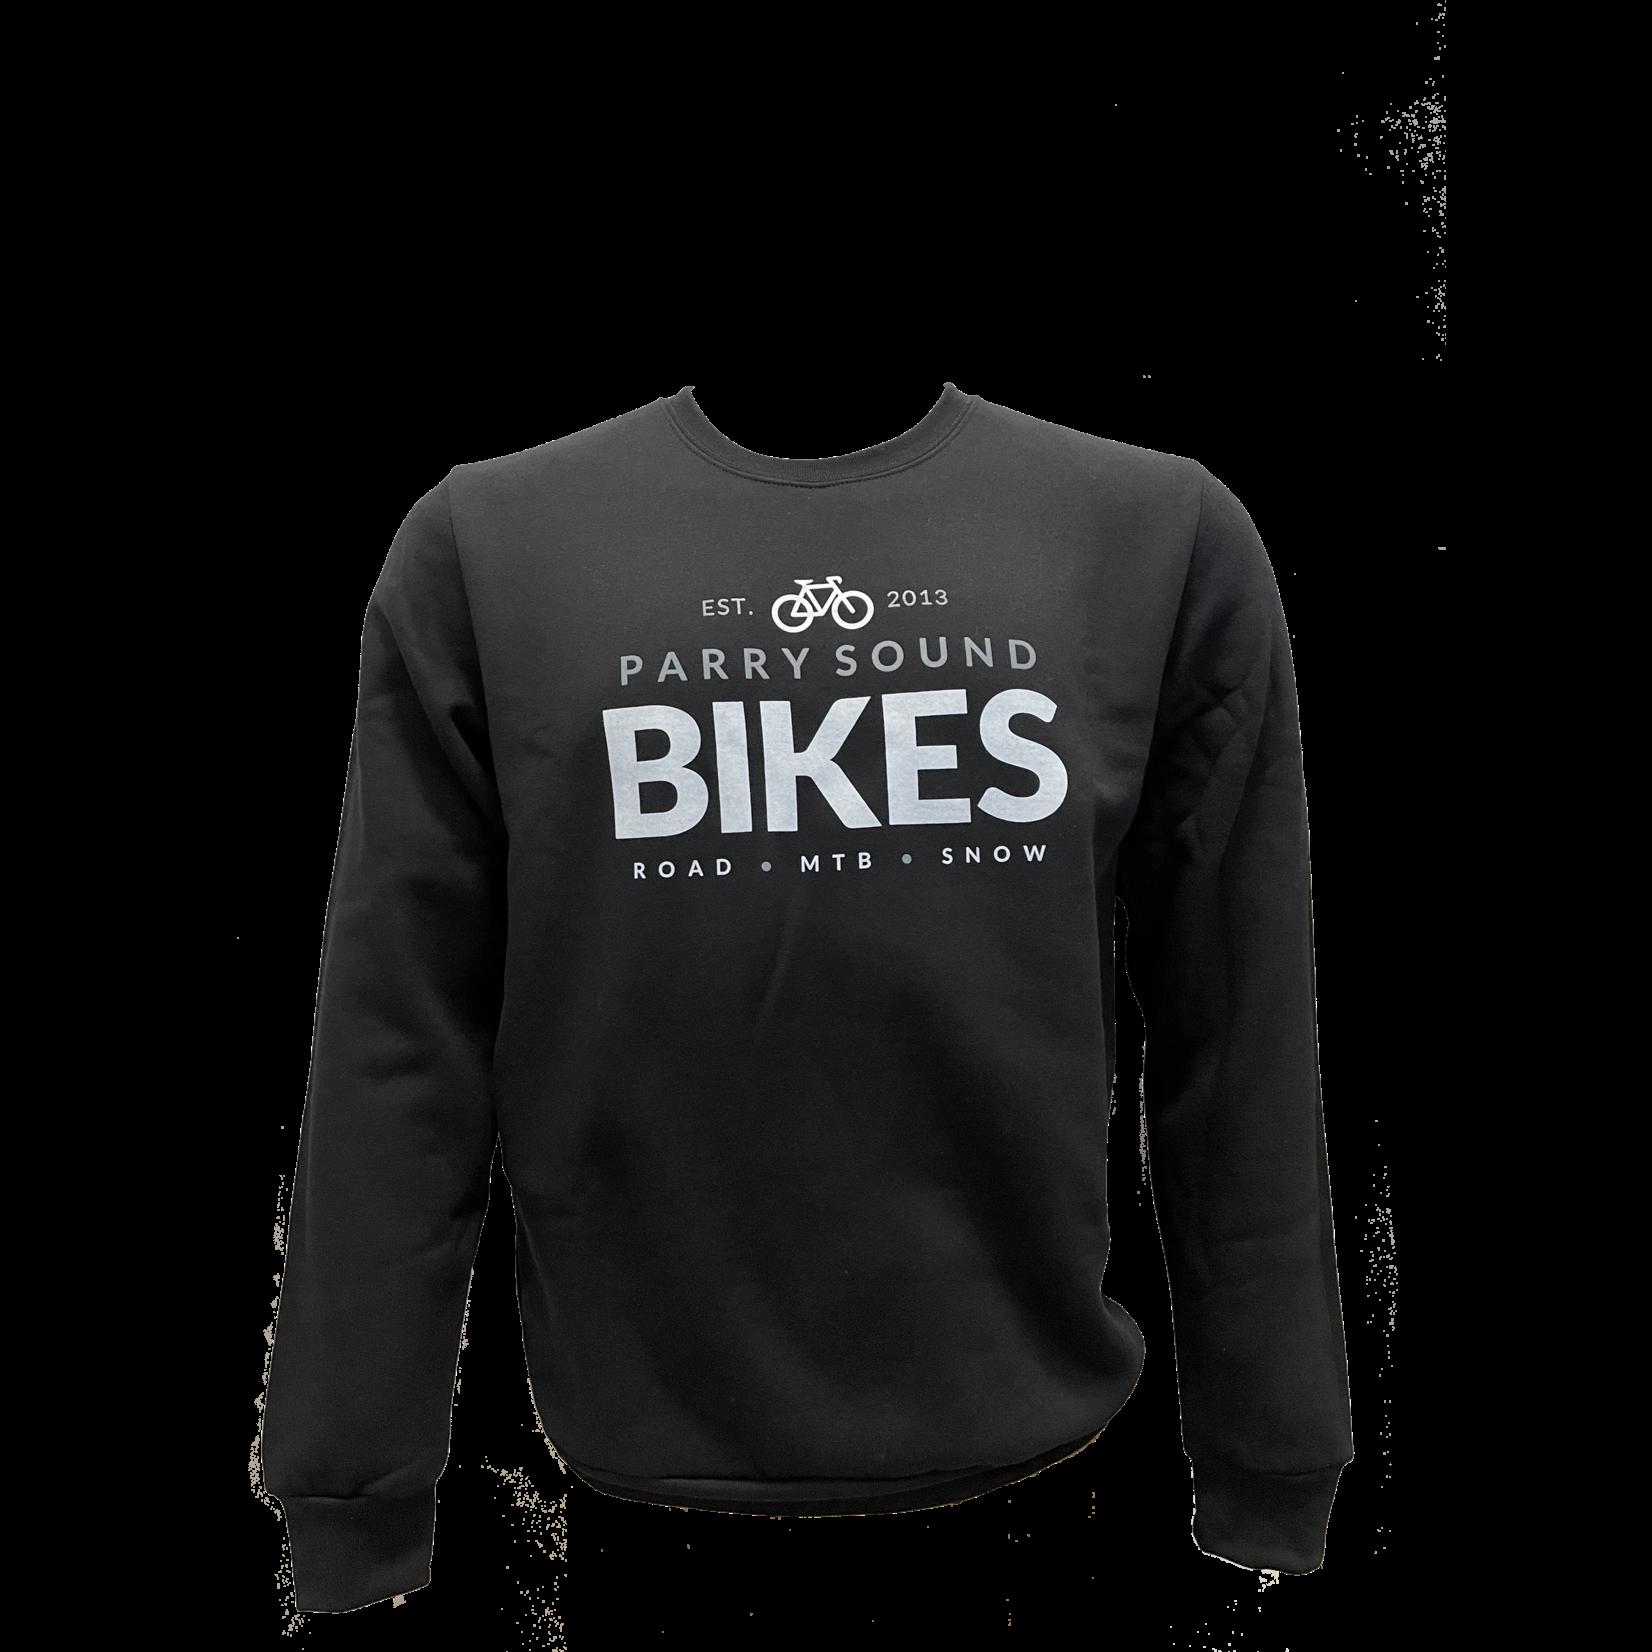 Parry Sound Bikes Parry Sound Bikes Crewneck